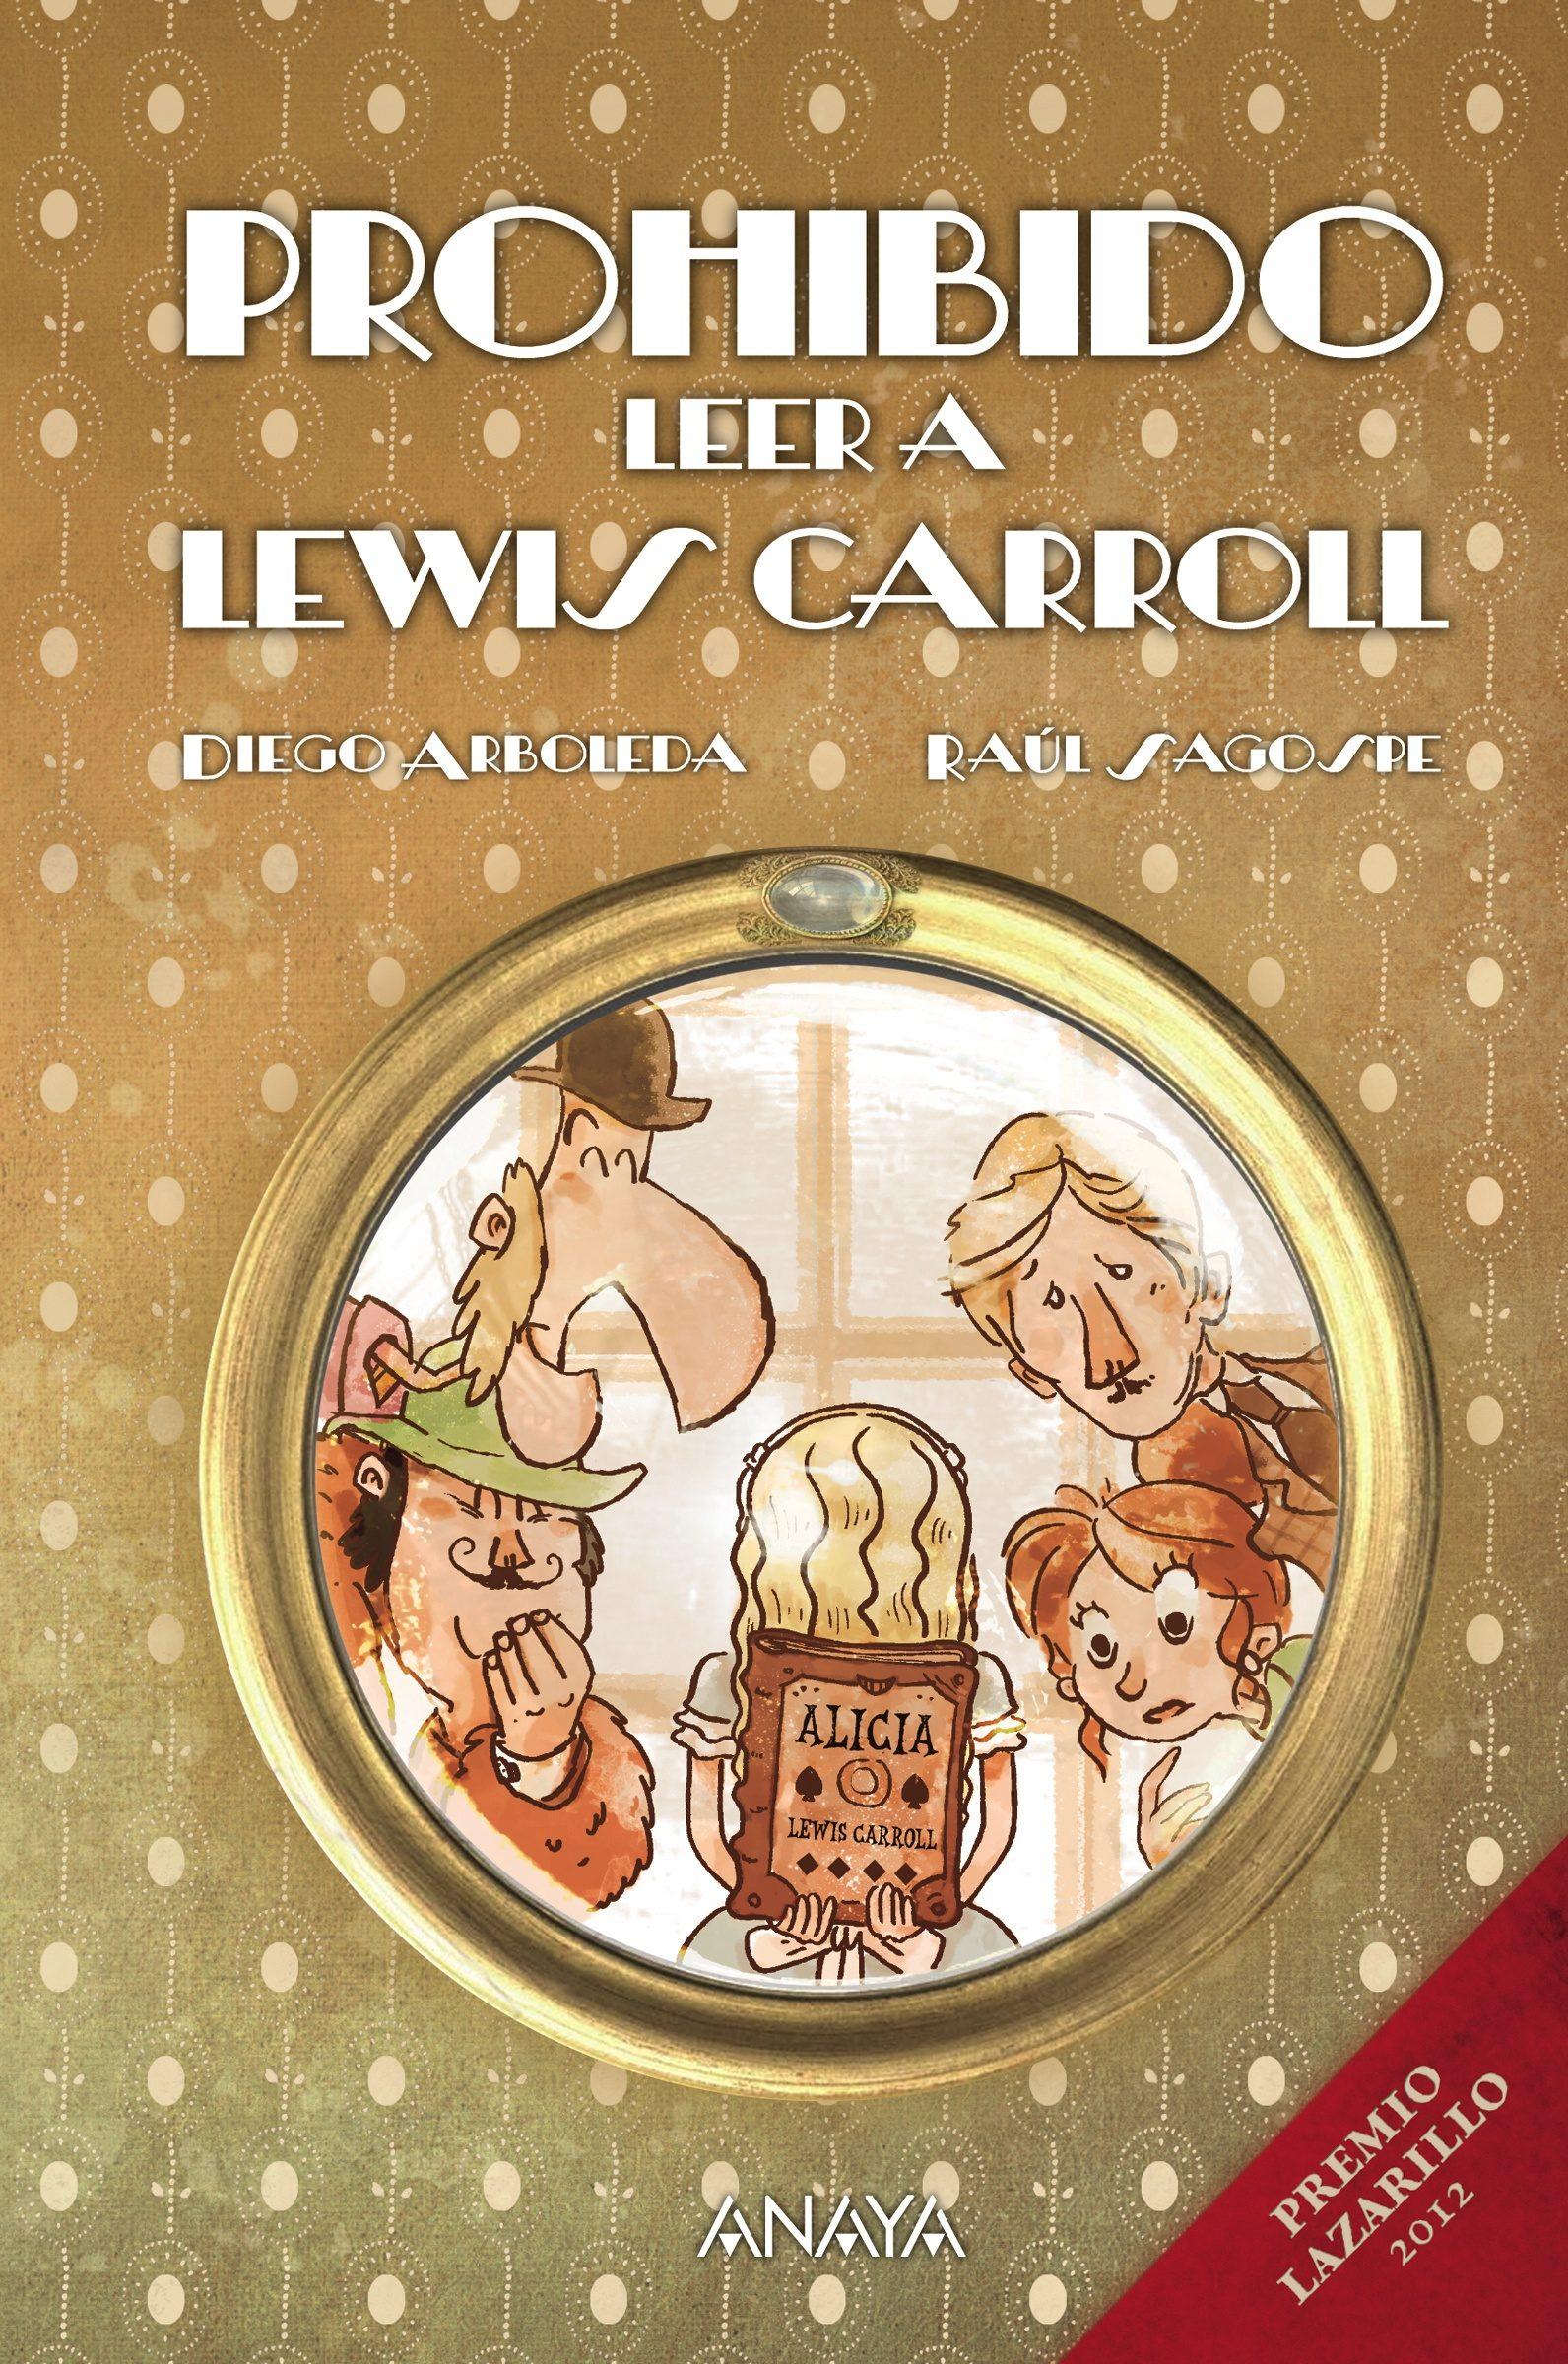 Prohibido Leer A Lewis Carroll   por Diego Arboleda